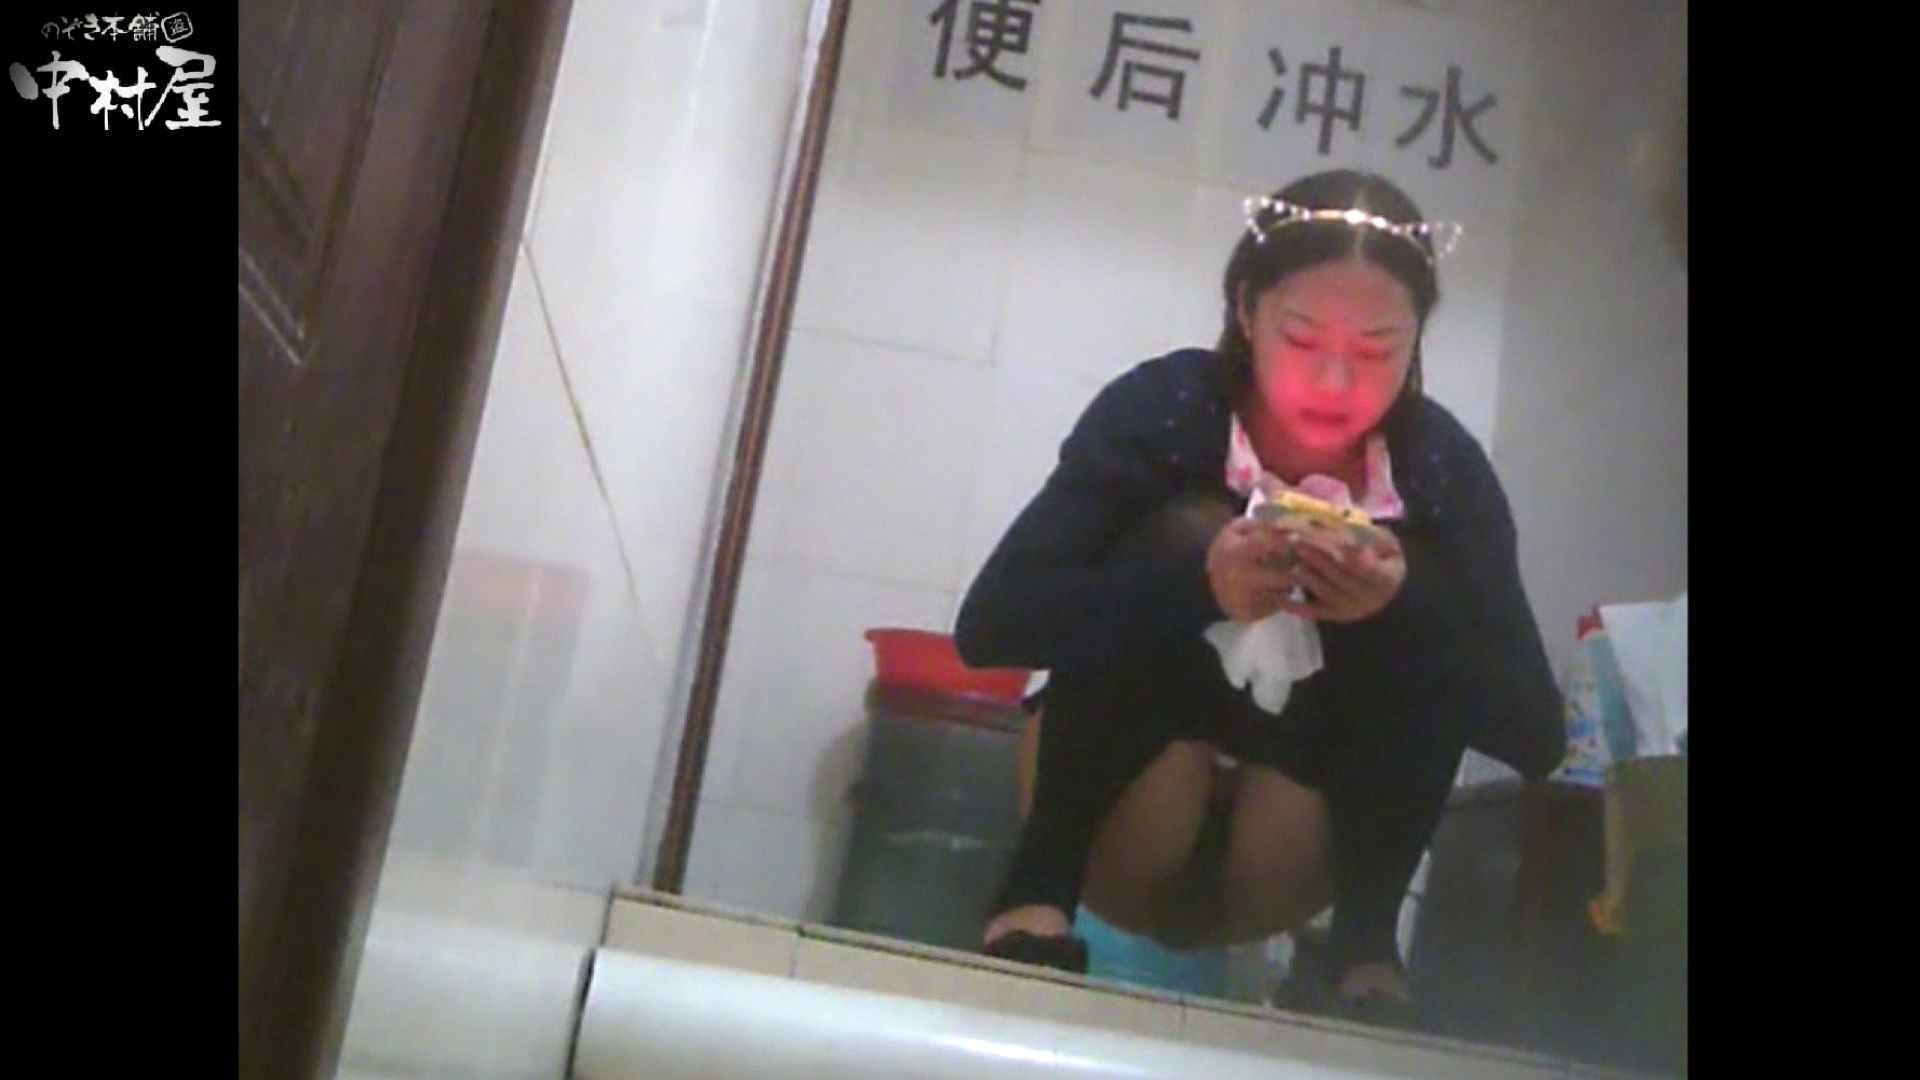 李さんの盗撮日記 Vol.10 OL女体 オメコ動画キャプチャ 50連発 17